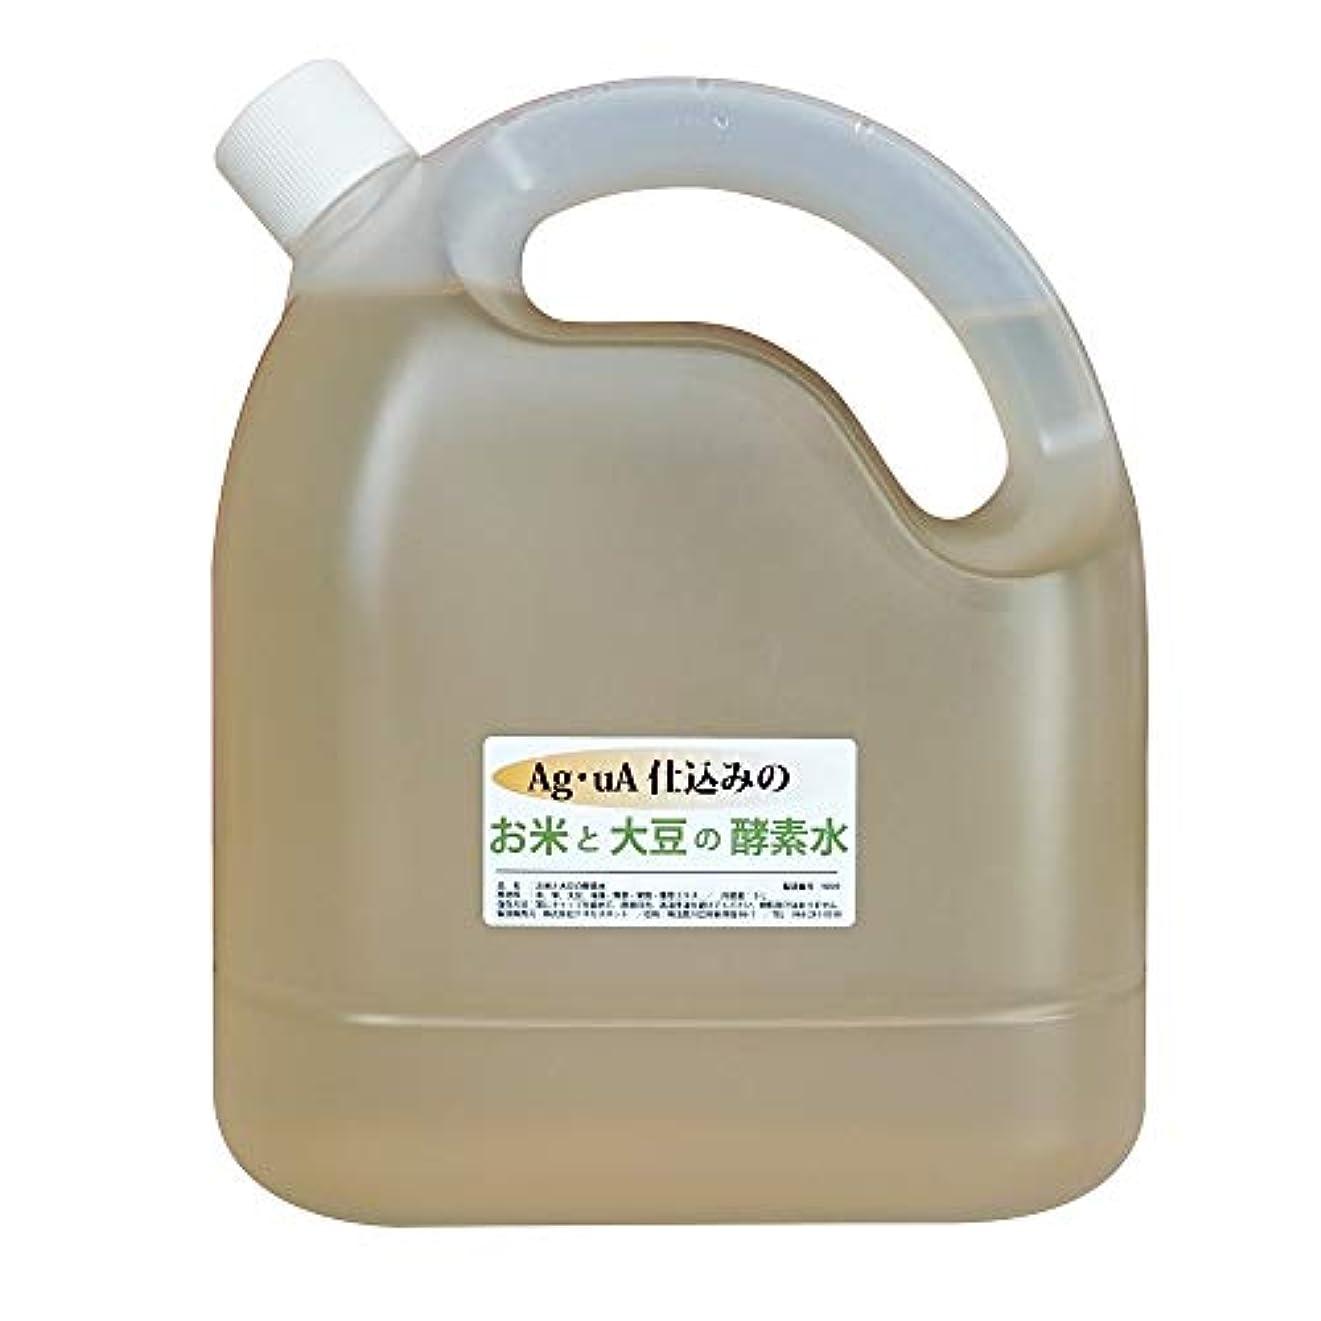 誕生間違っているハンサムテネモス アグア仕込みのお米と大豆の酵素水 5リットル